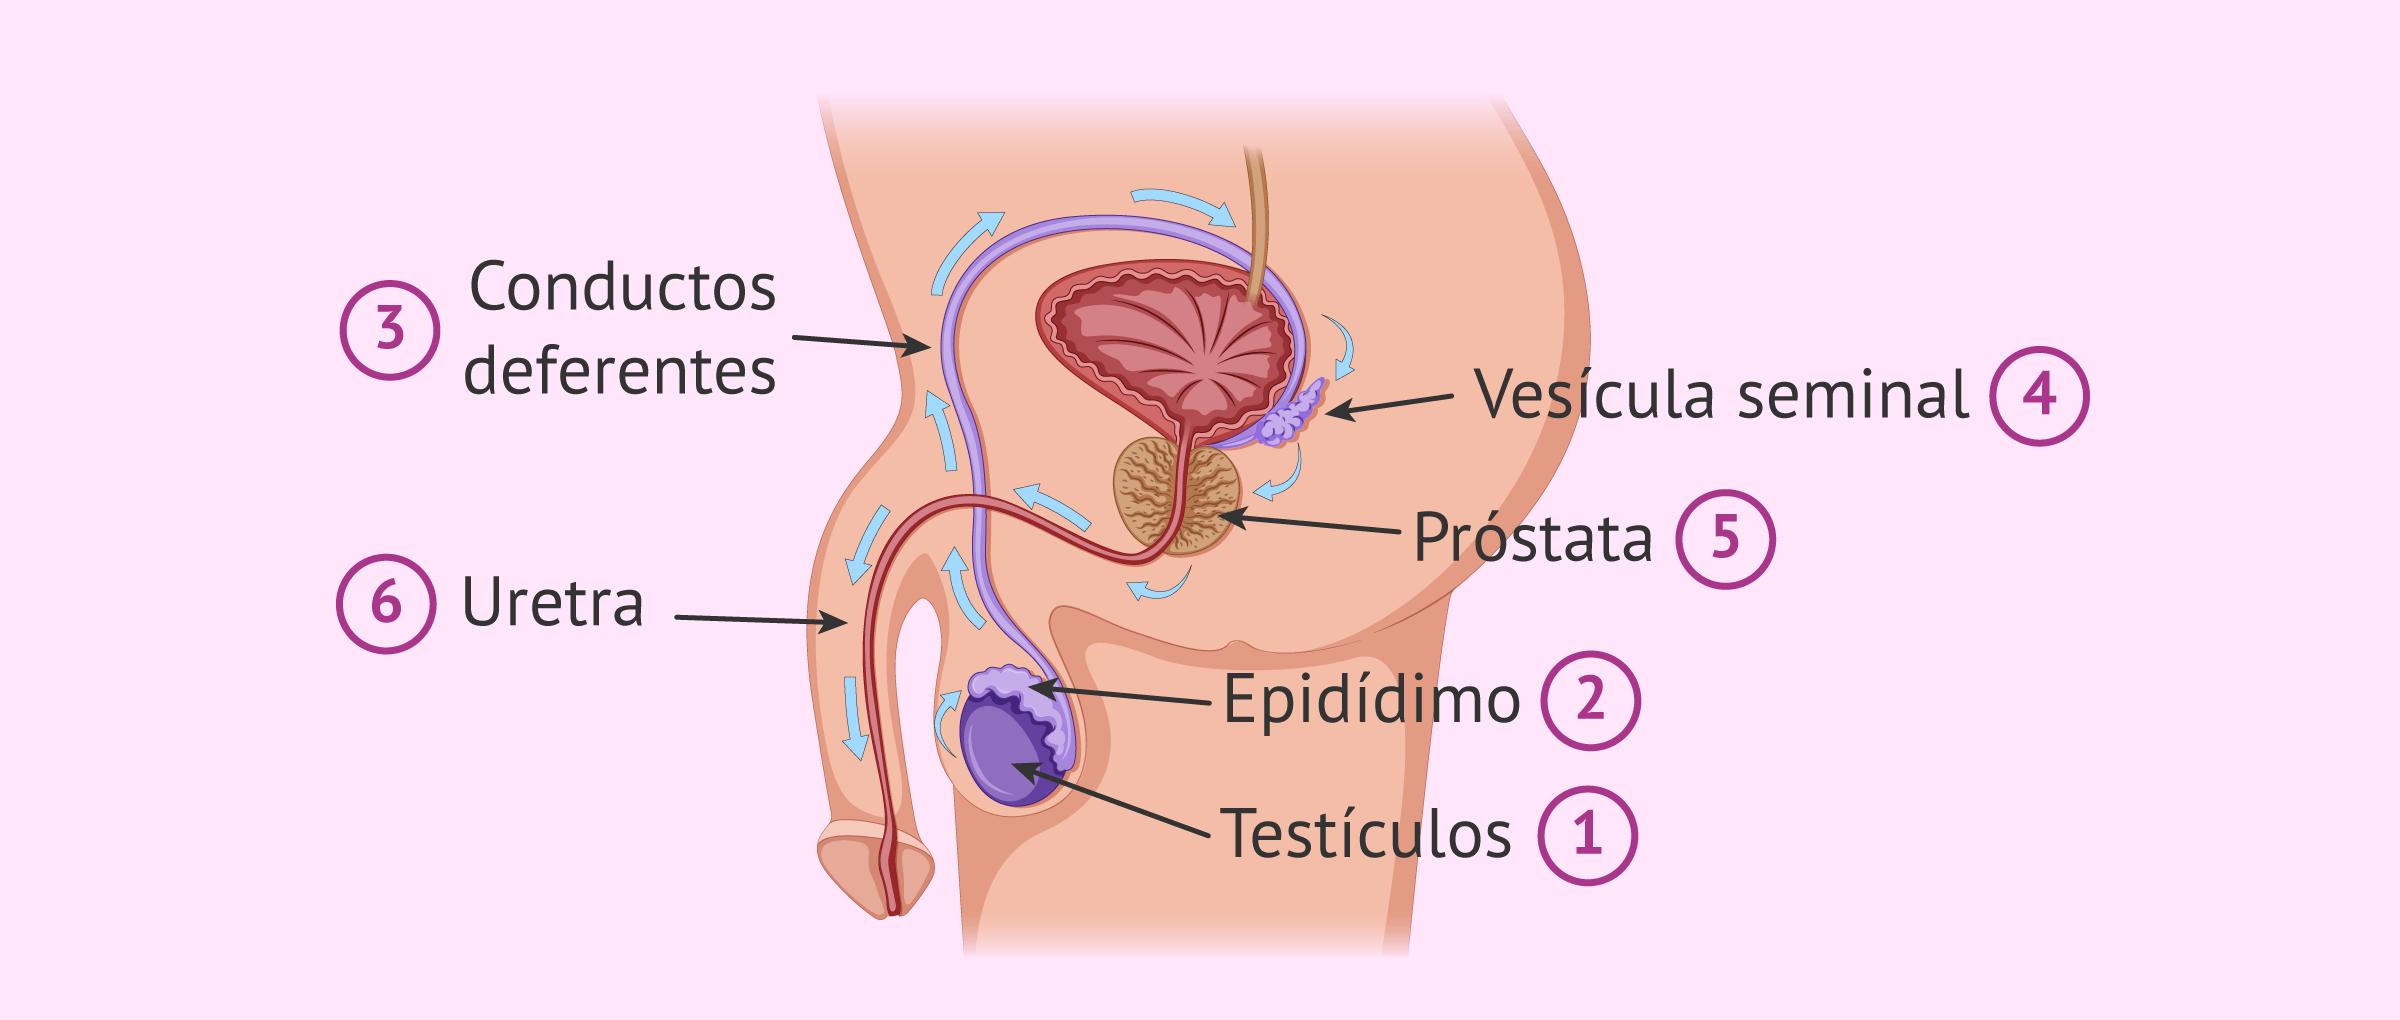 Cuantas horas se tarda un espermatozoide en llegar al ovulo